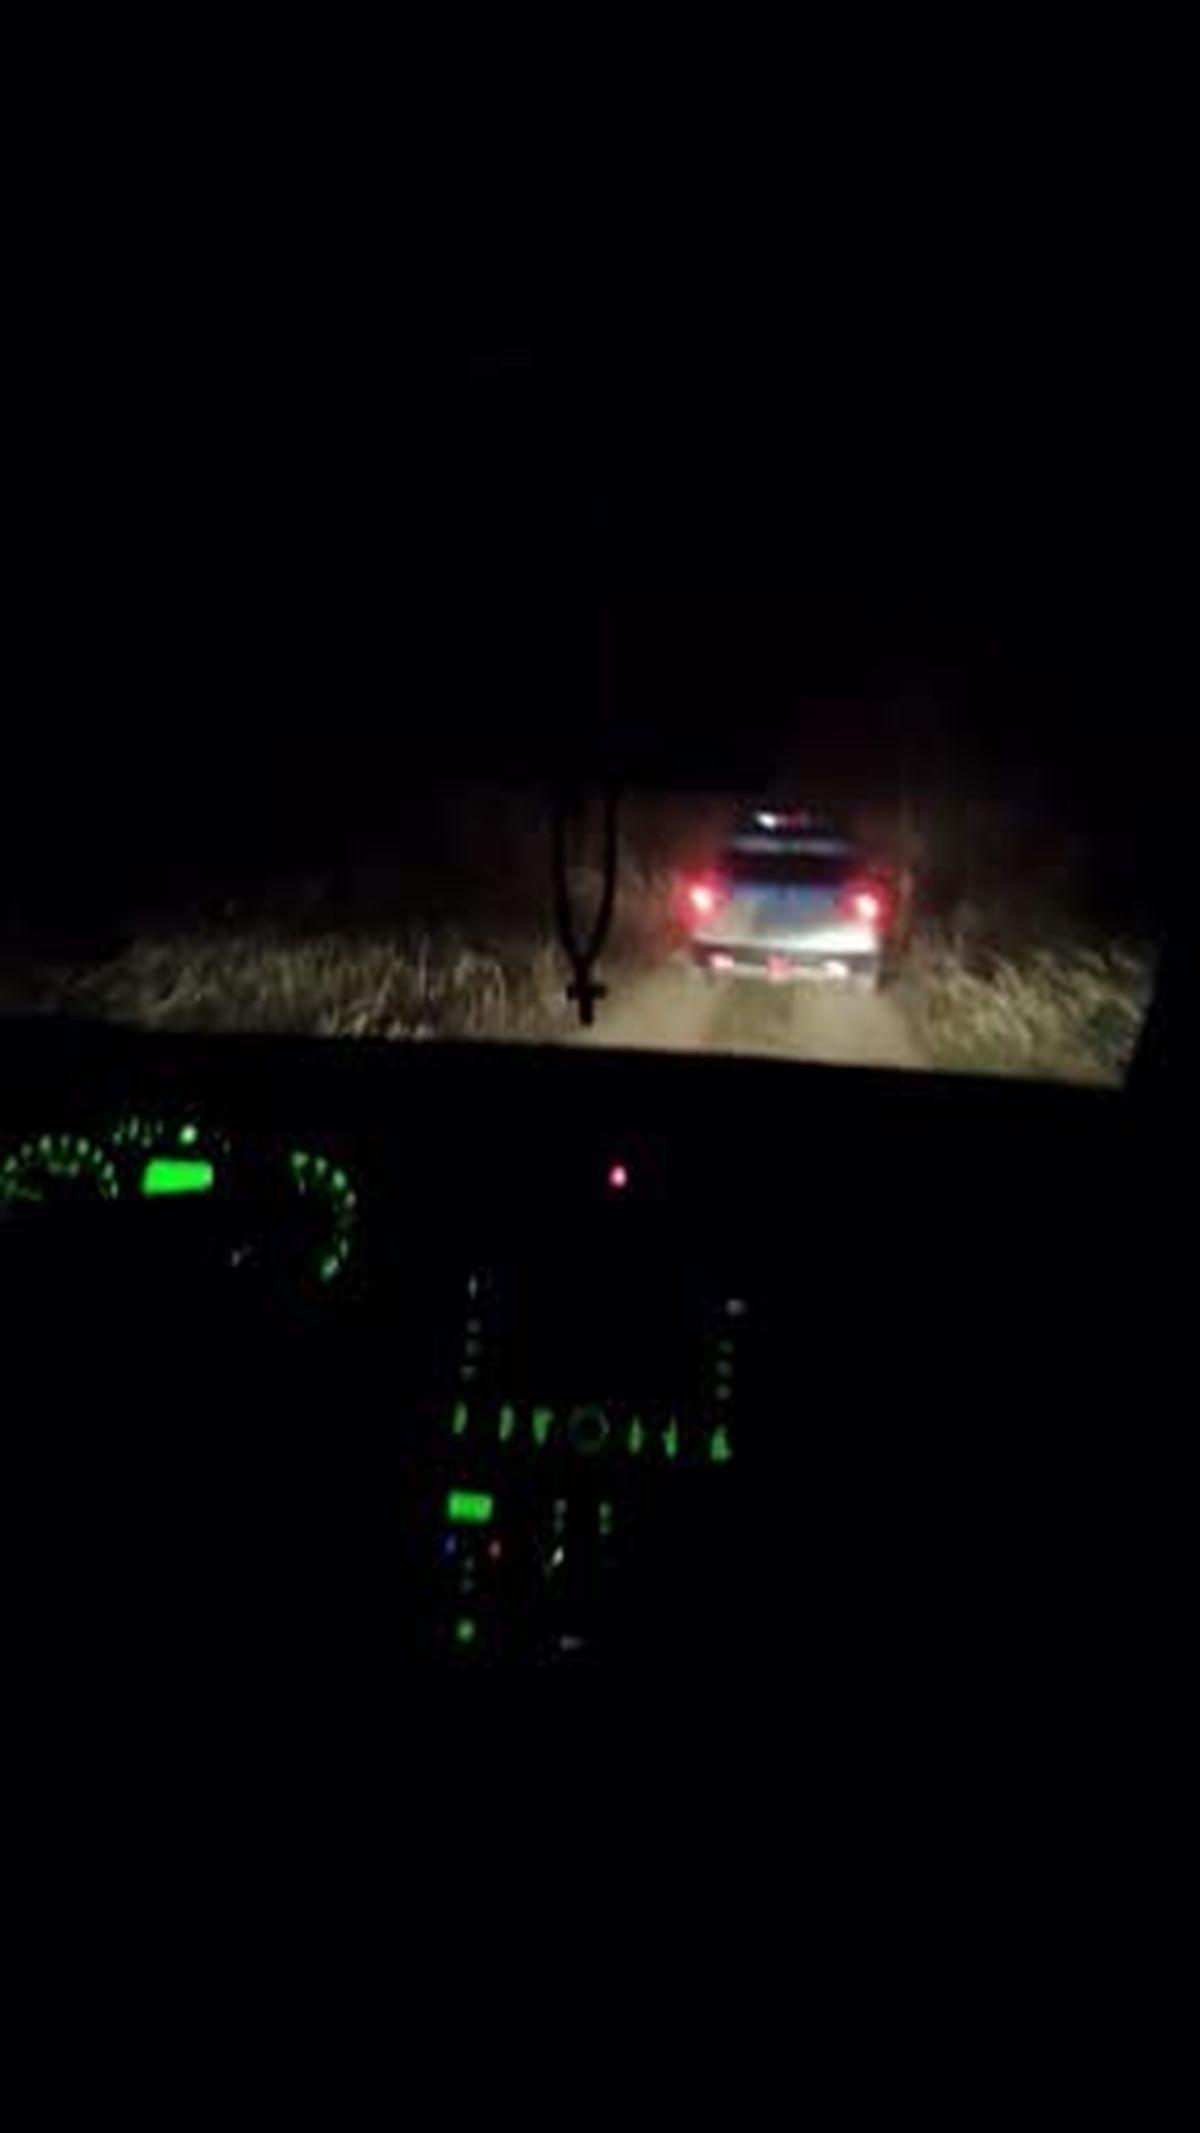 Λαρισαίος αστυνομικός συγκλονίζει δίνοντας το κλίμα από τα σύνορα: «Ο Έβρος δεν πέφτει…» (φωτο)